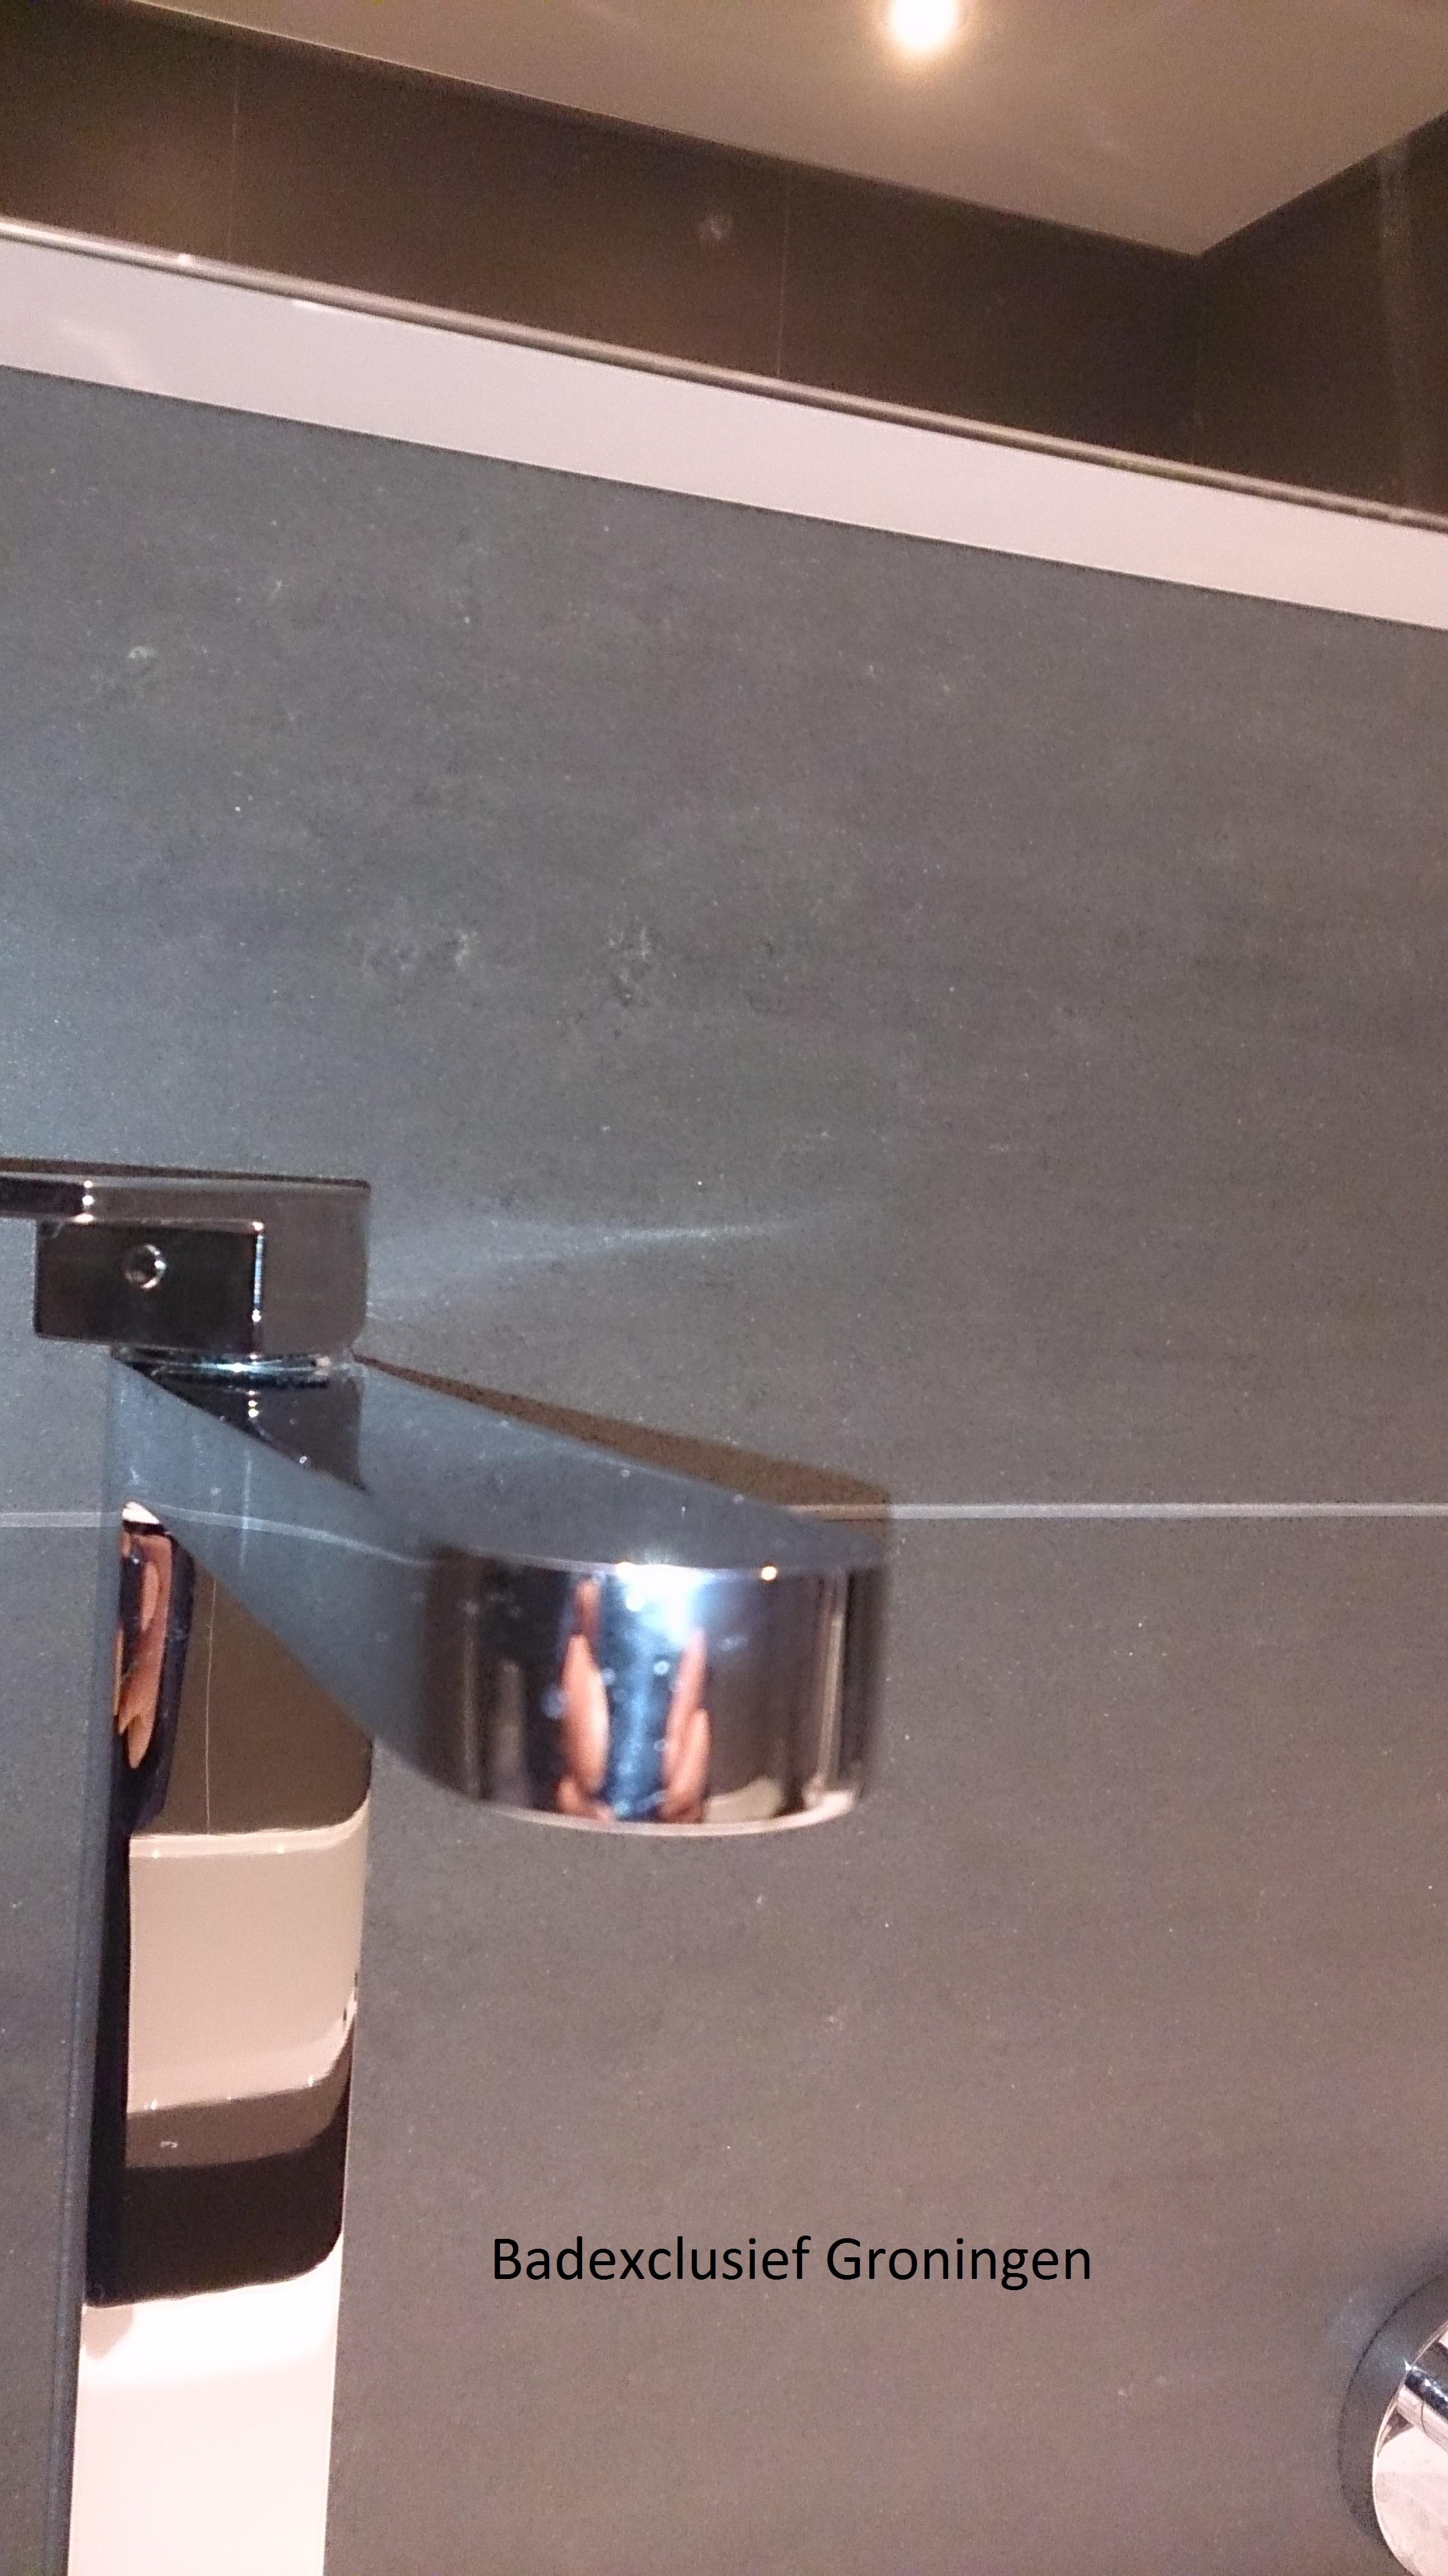 Luxe badkamer van badkamerarchitect Badexclusief uit Groningen